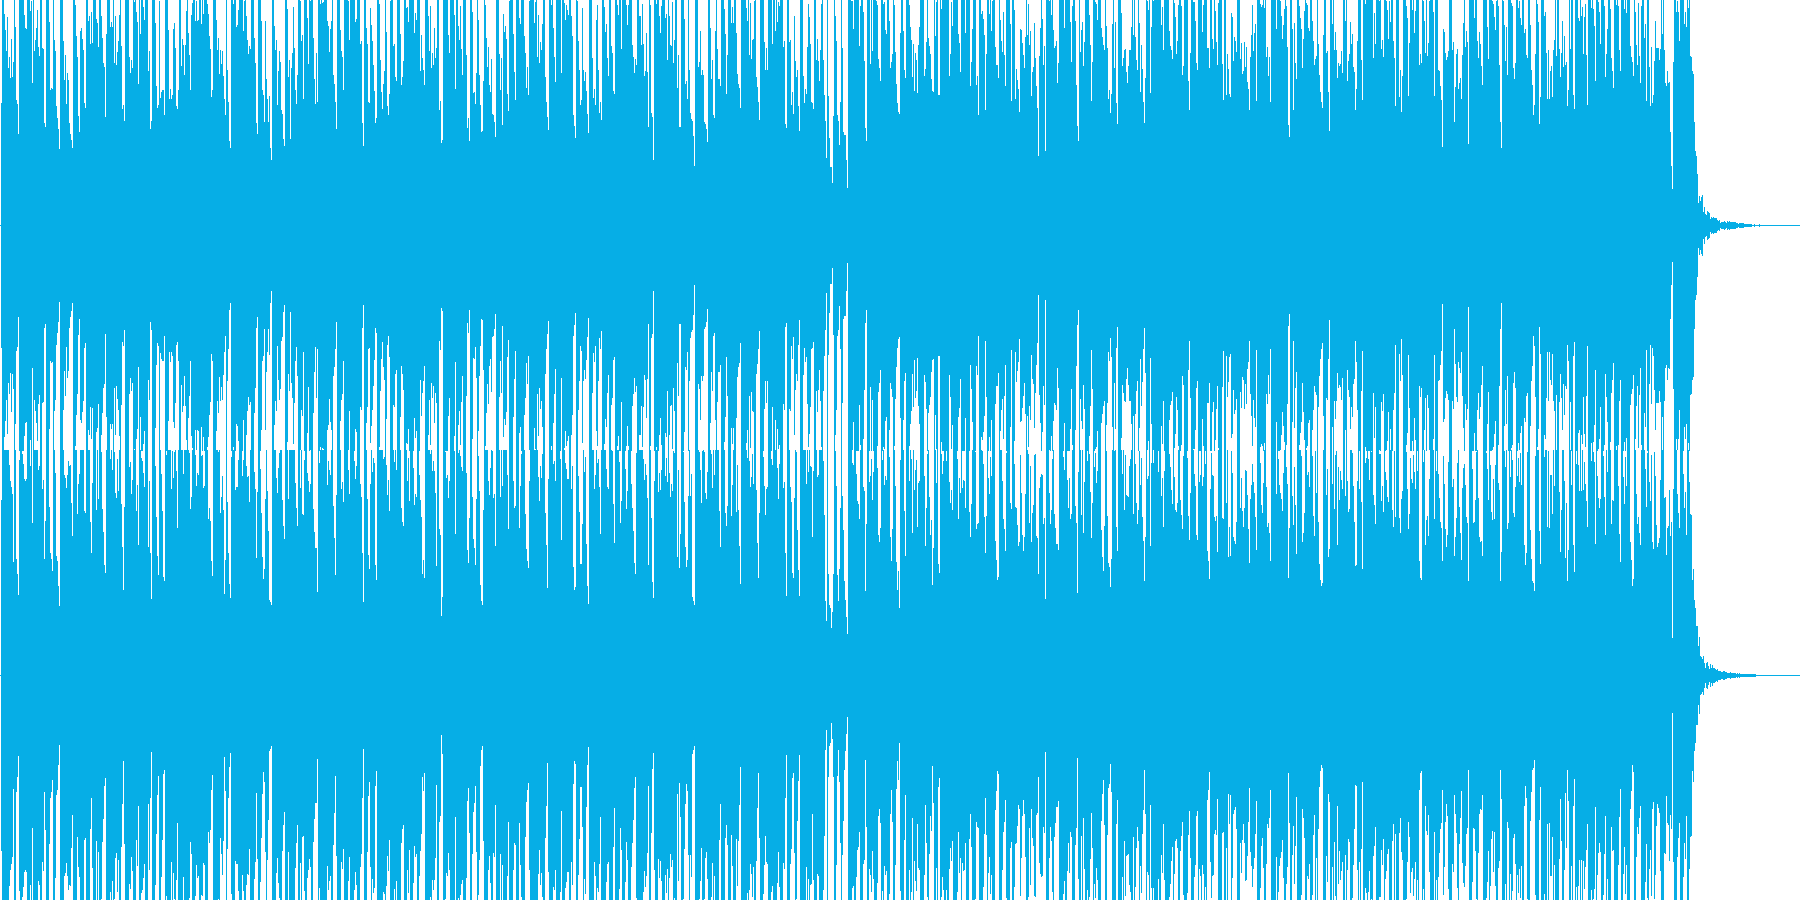 軽快なラテン系ルンバ、ボサノバ曲の再生済みの波形